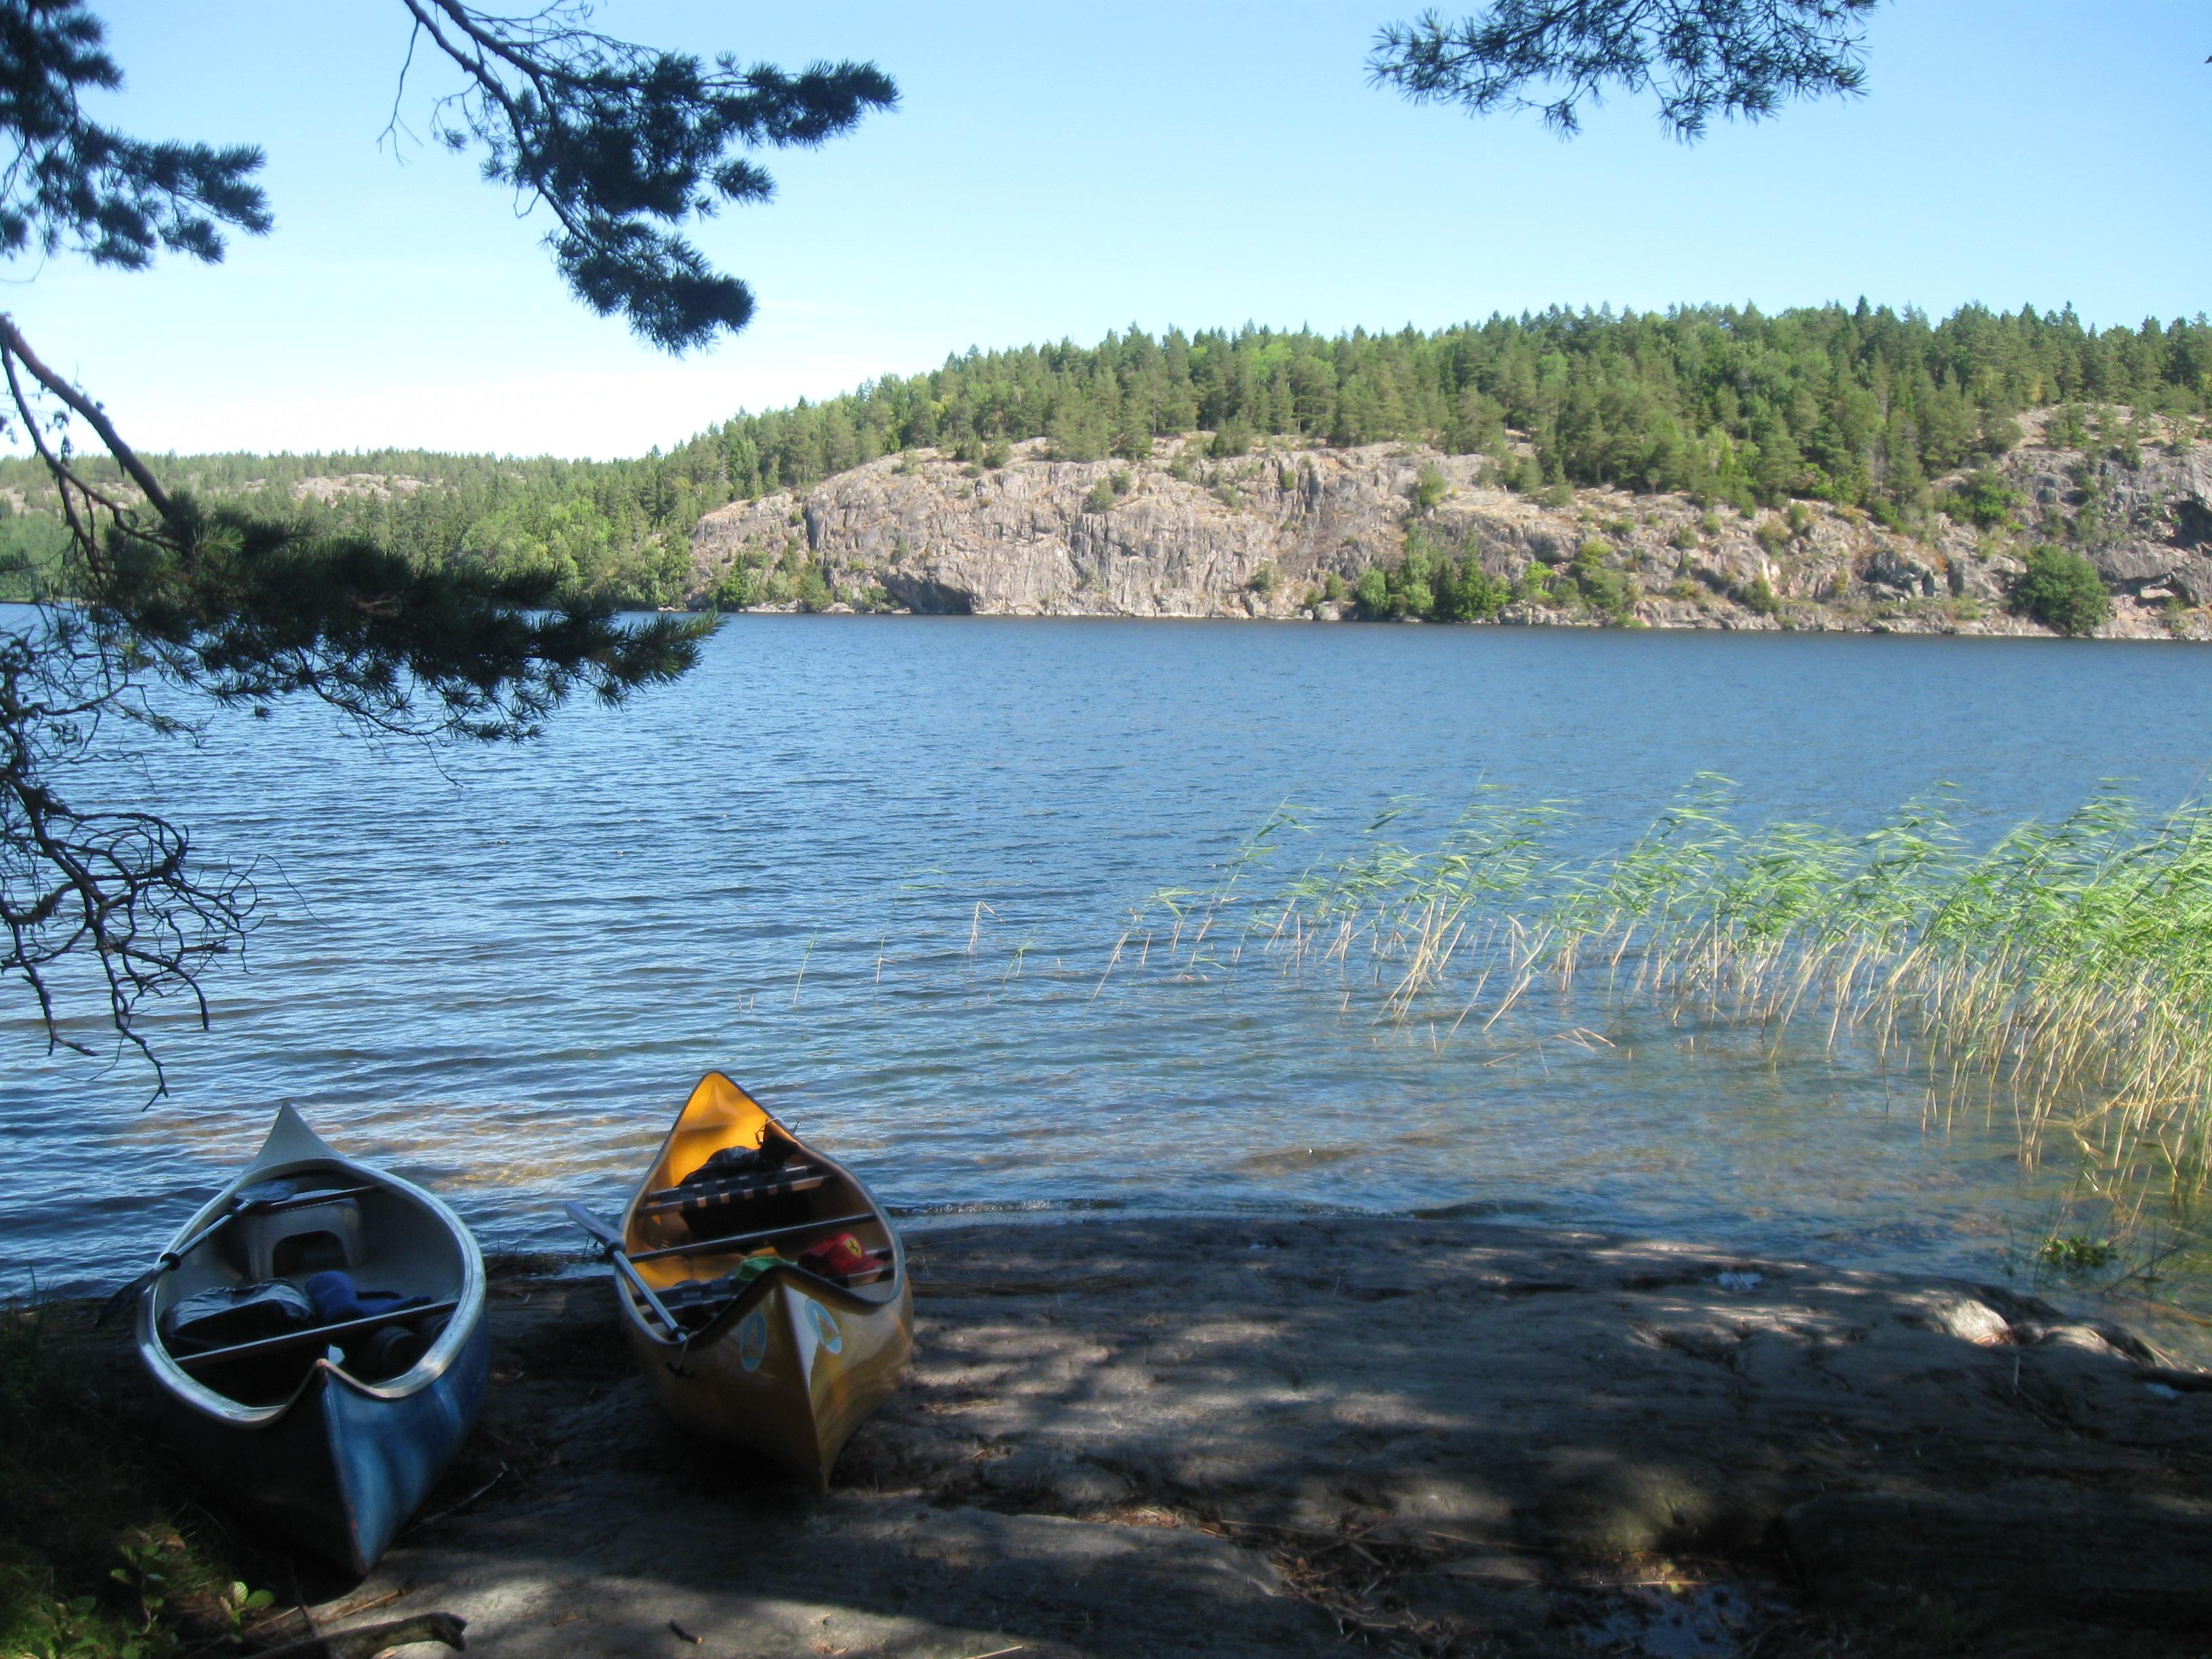 Wildkamperen Zweden - Vakantie Zweden Tips